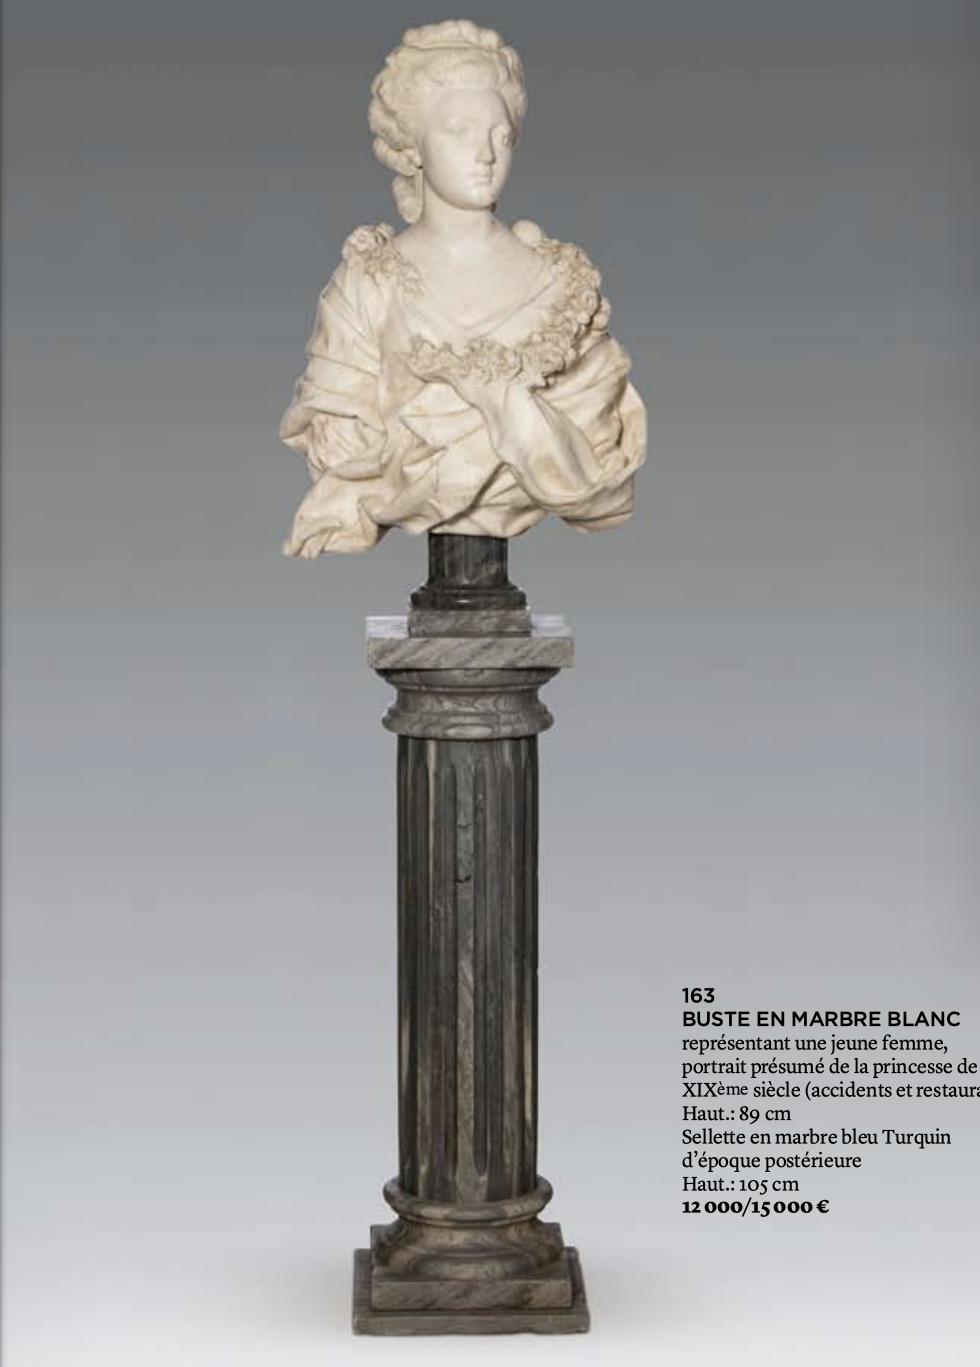 Sculpture : Les bustes de la princesse de Lamballe (présumée) Capt1469